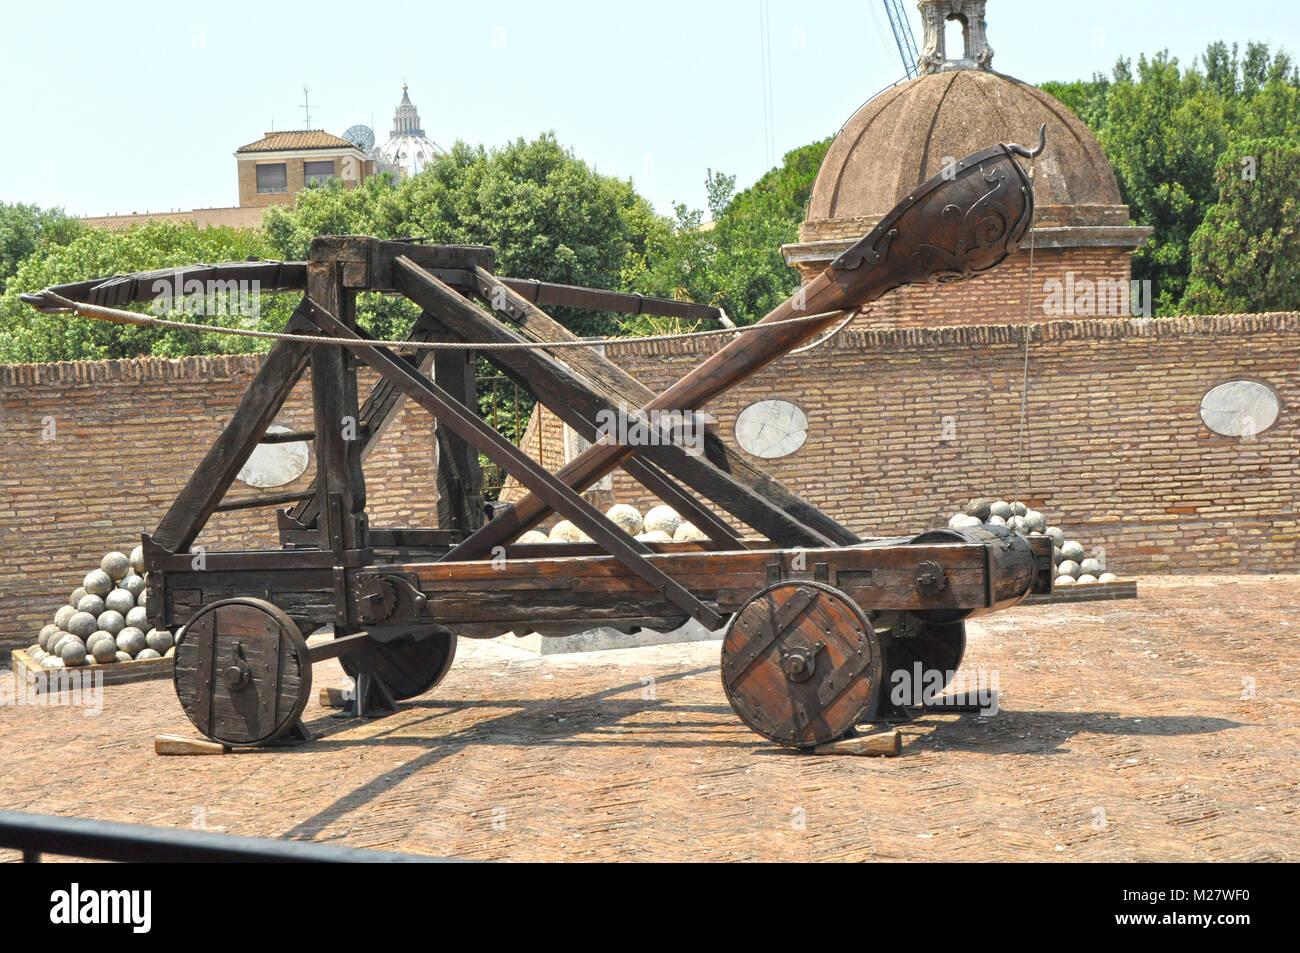 Roman Siege Weapon Stock Photos & Roman Siege Weapon Stock ...